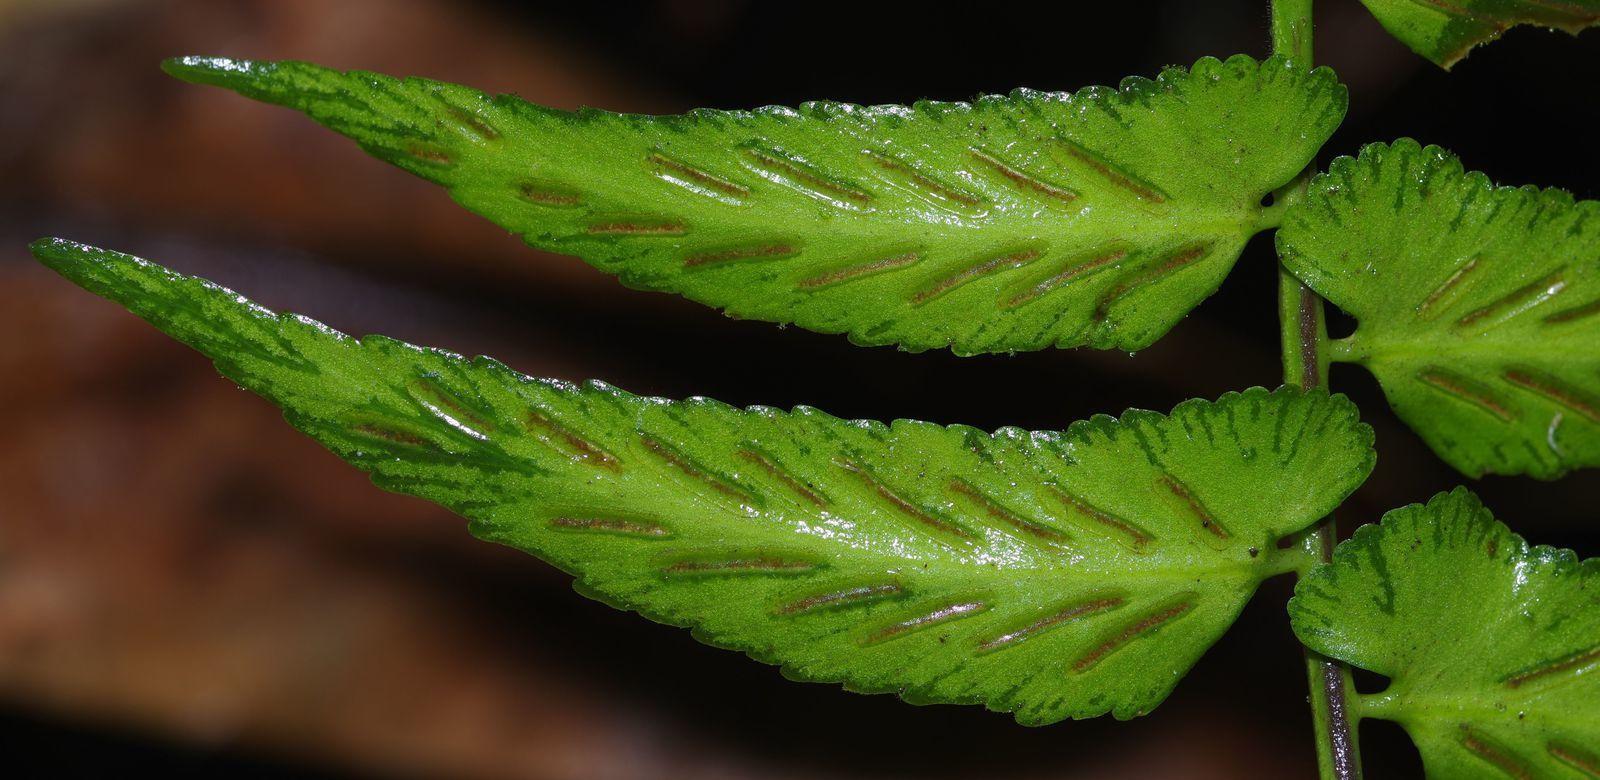 Asplenium salicifolium